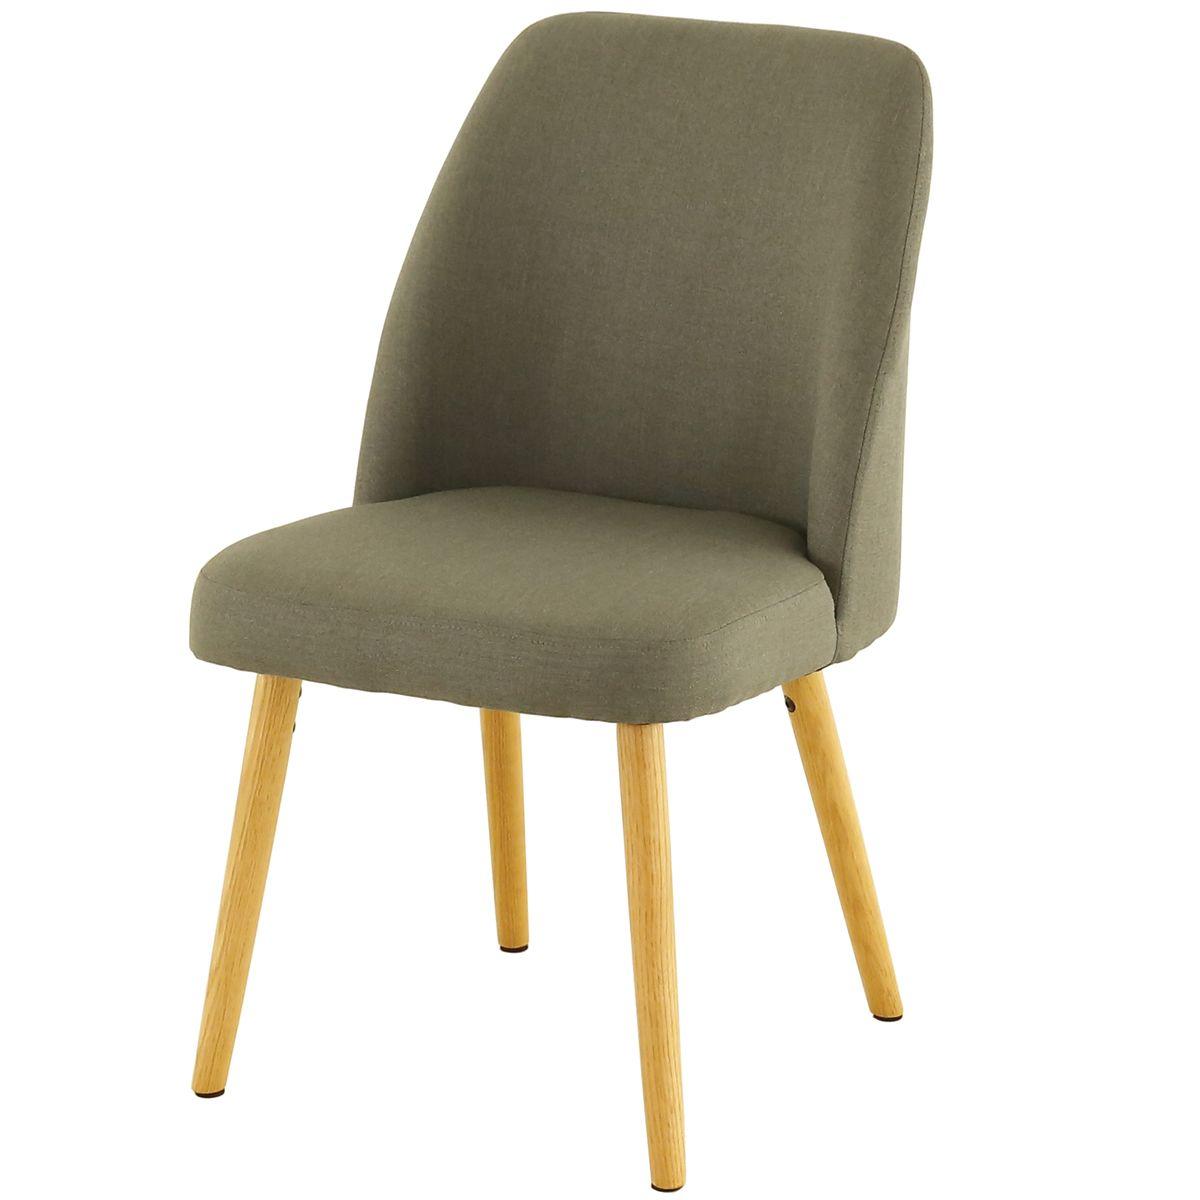 14 merveilleux chaise salle a manger gris clair kdh6 for Chaise salle a manger tissu gris